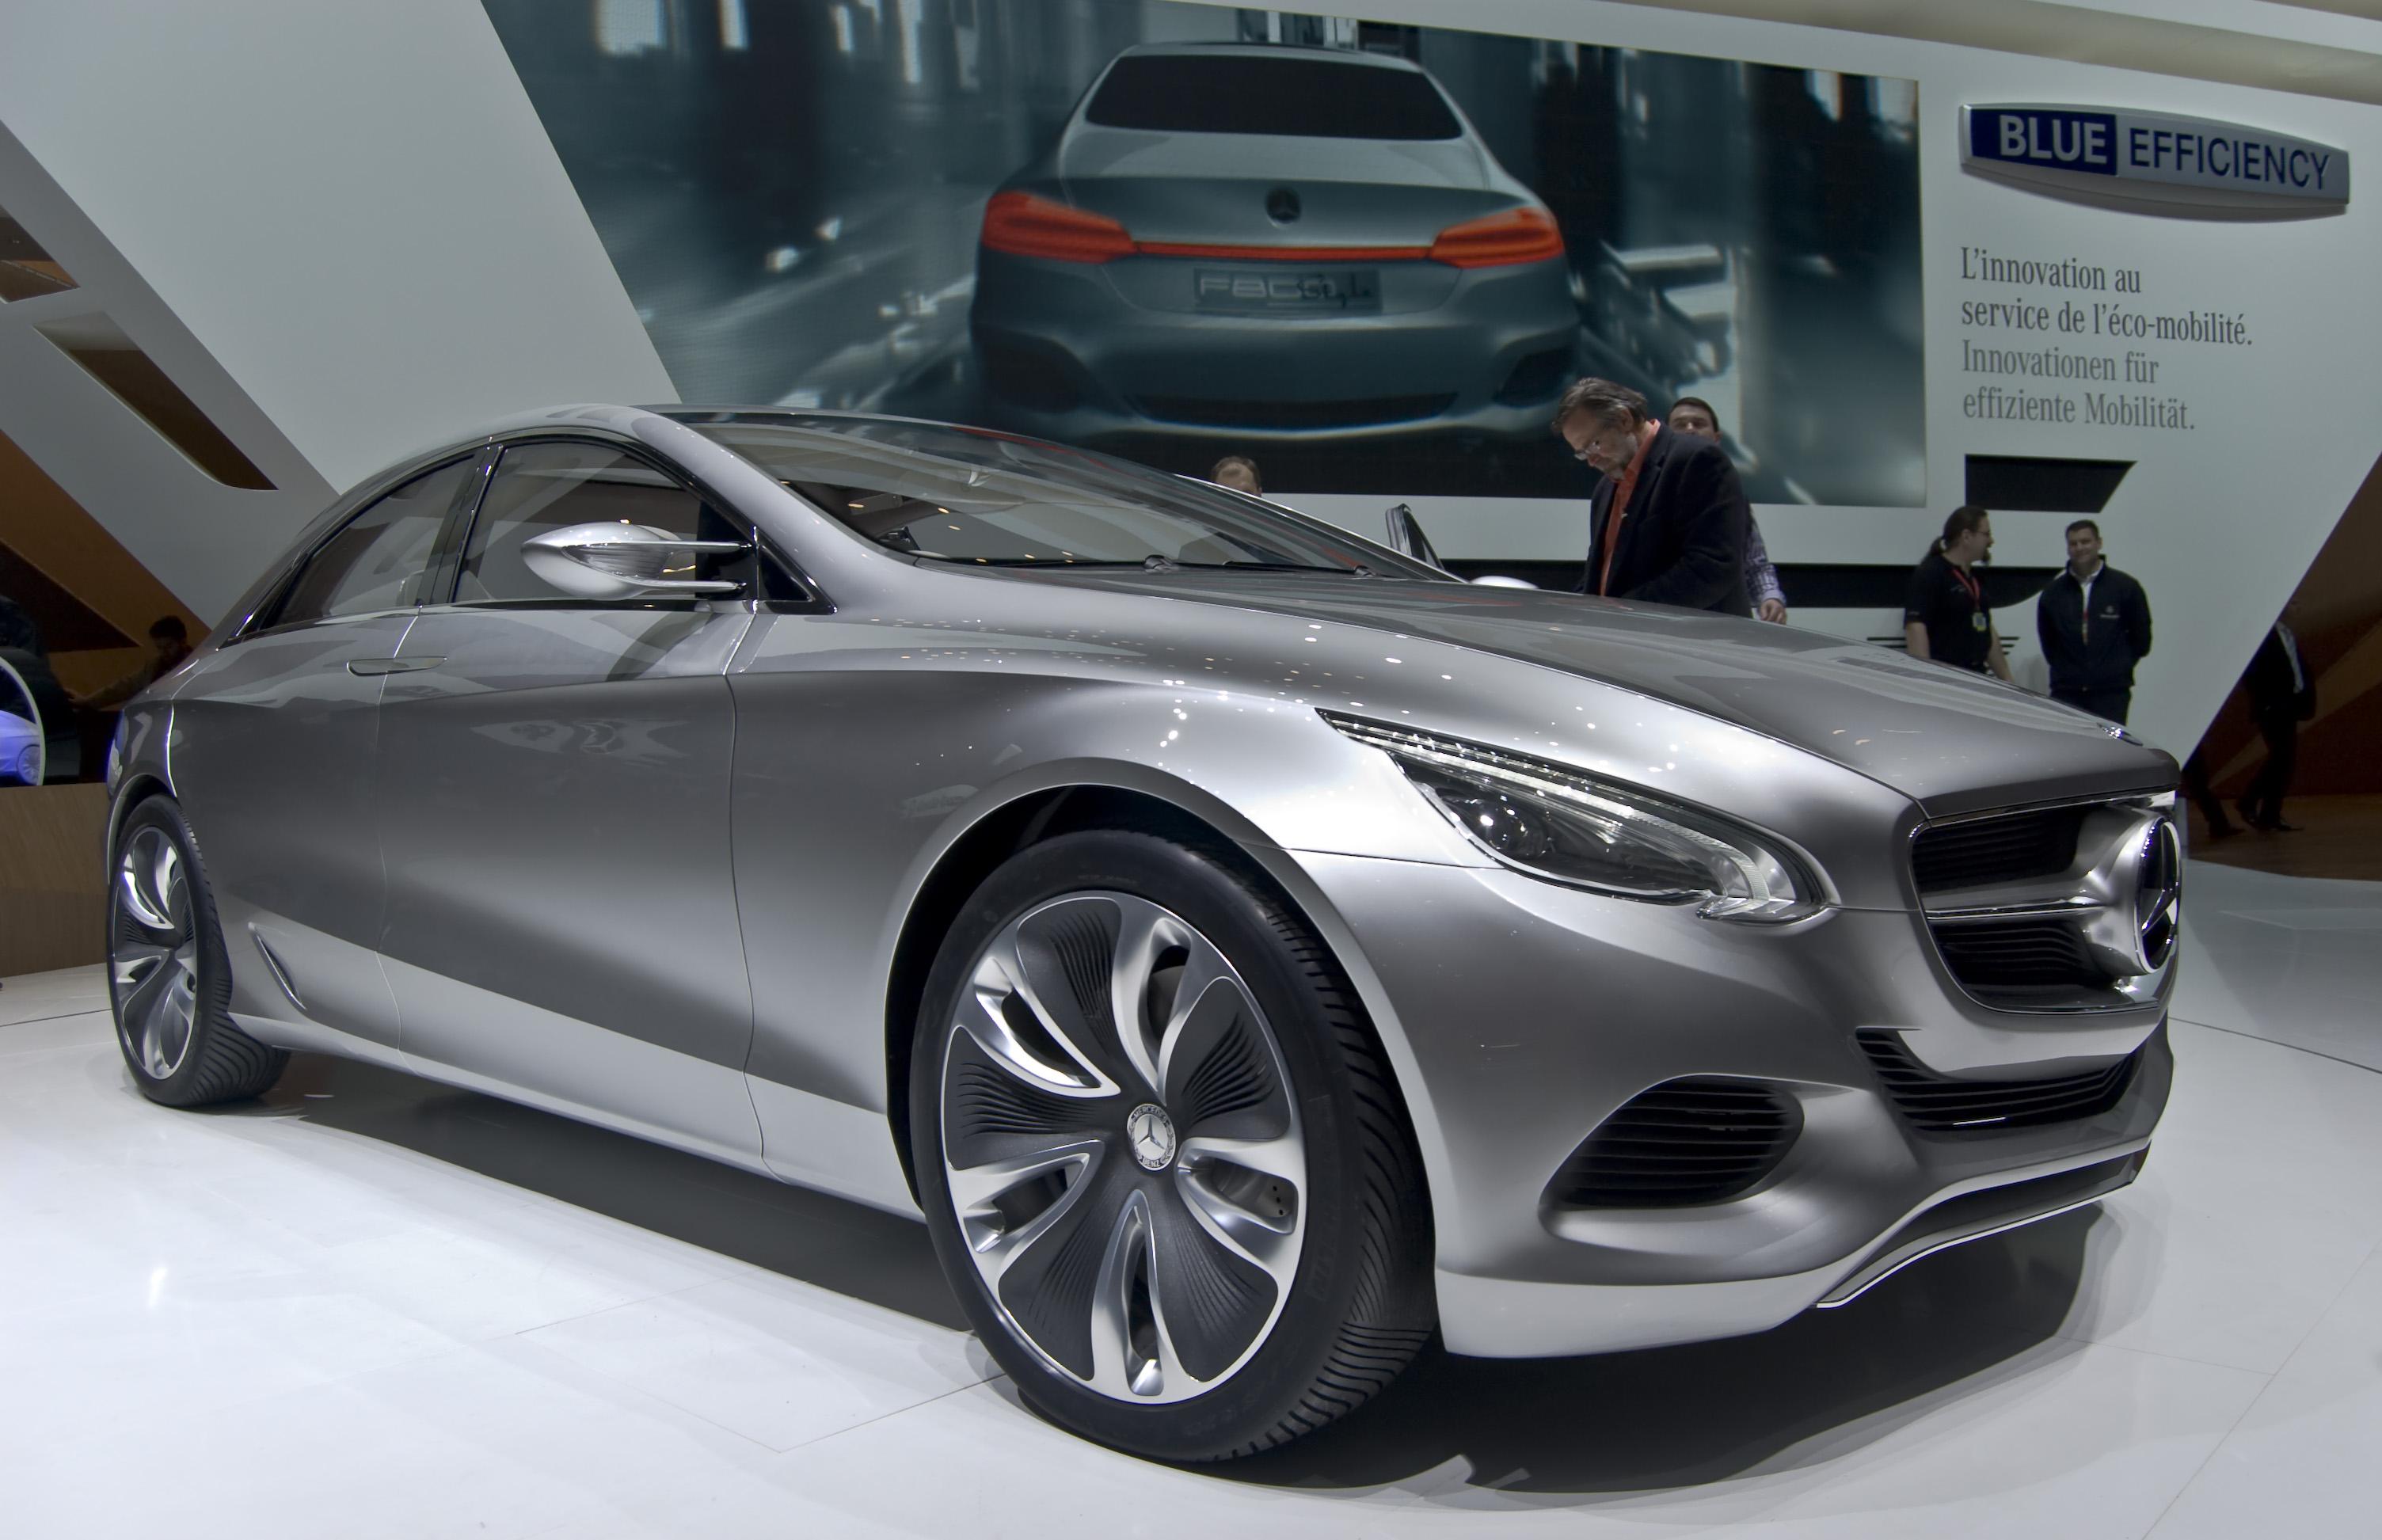 ملف:Mercedes-Benz F800 Style.jpg - ويكيبيديا، الموسوعة الحرة